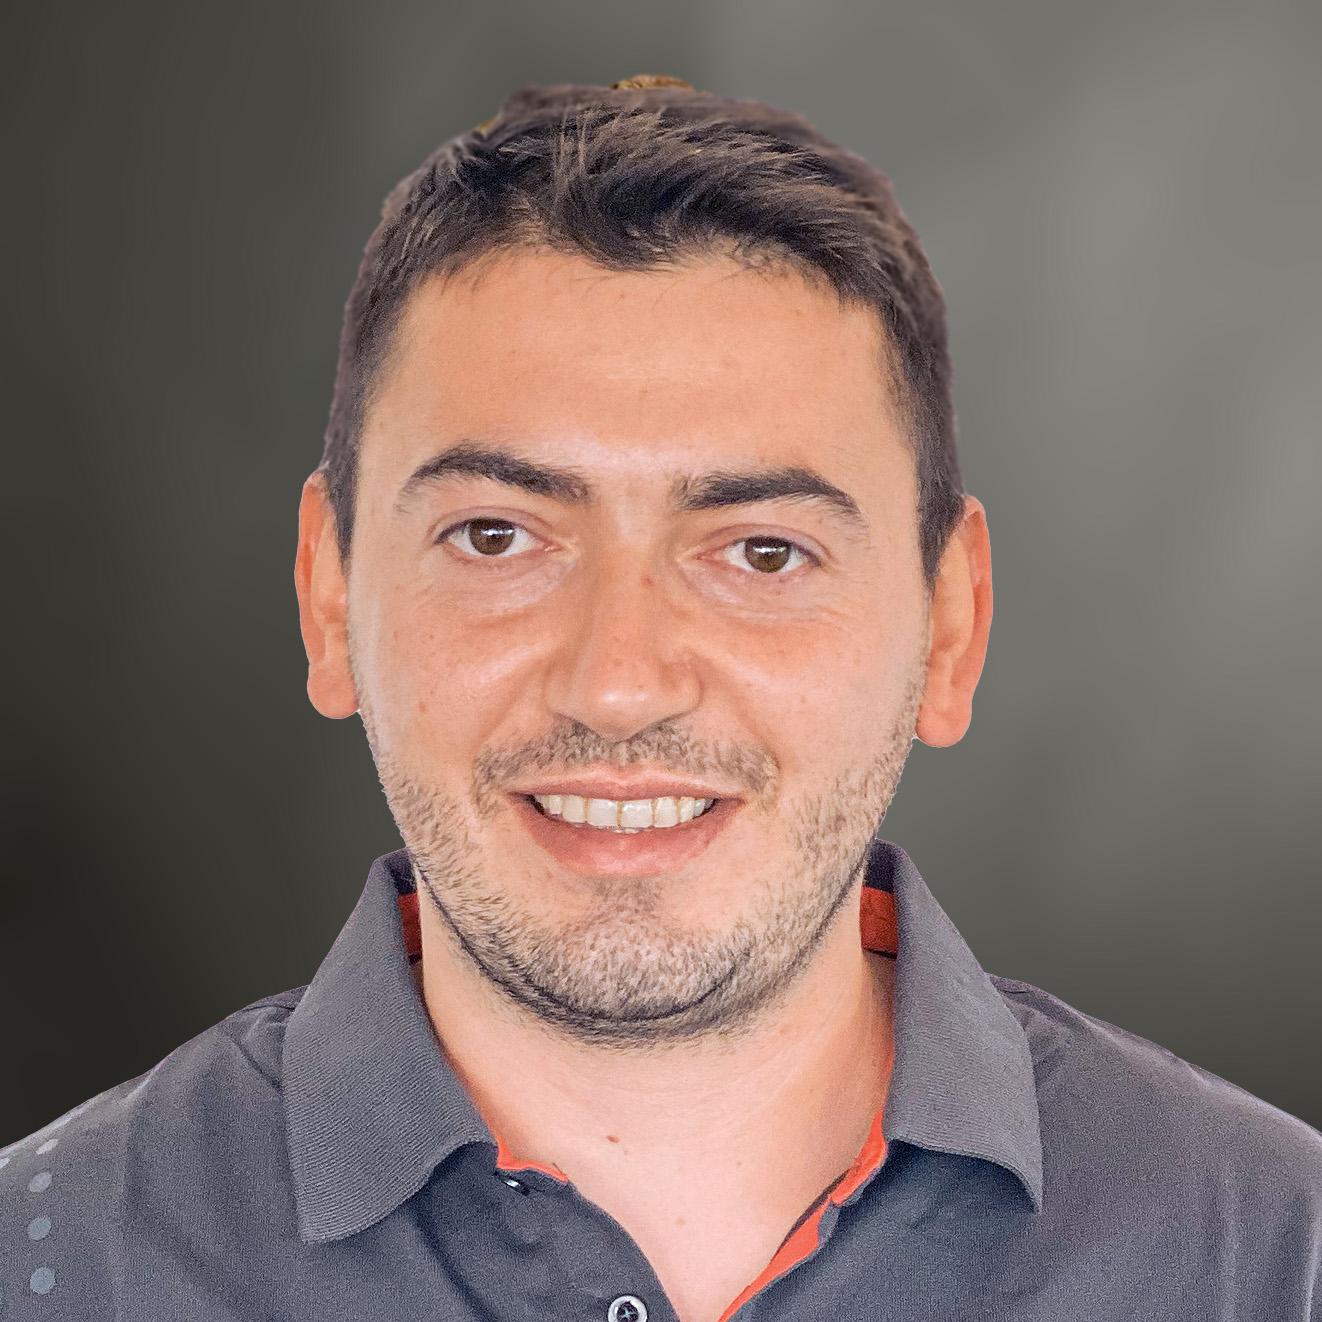 Vlatko_Jovanovski_2021